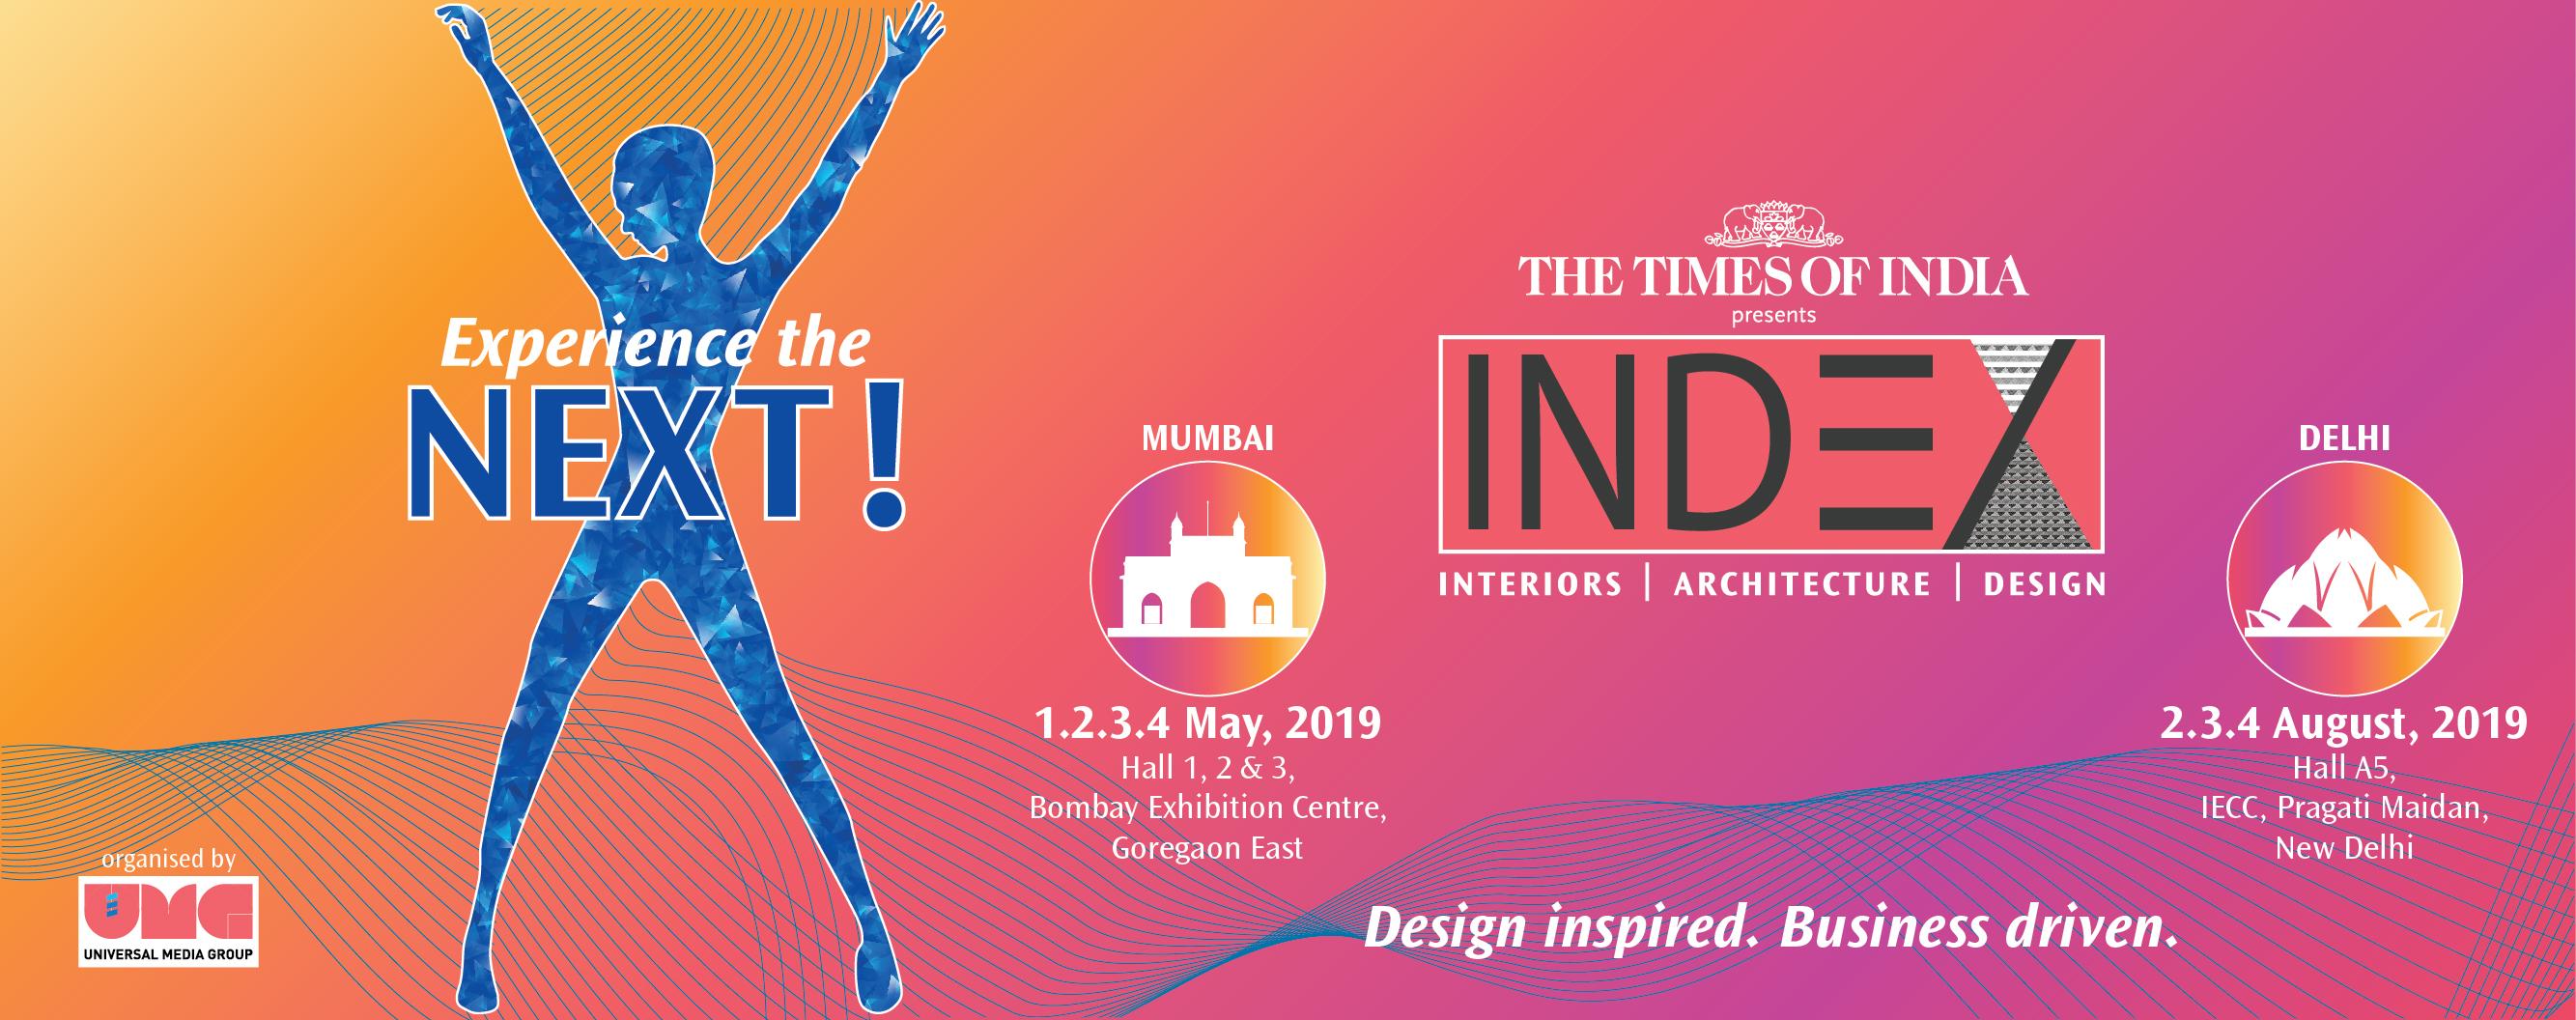 INDEX FAIRS 2019 (Delhi), Mumbai, Maharashtra, India